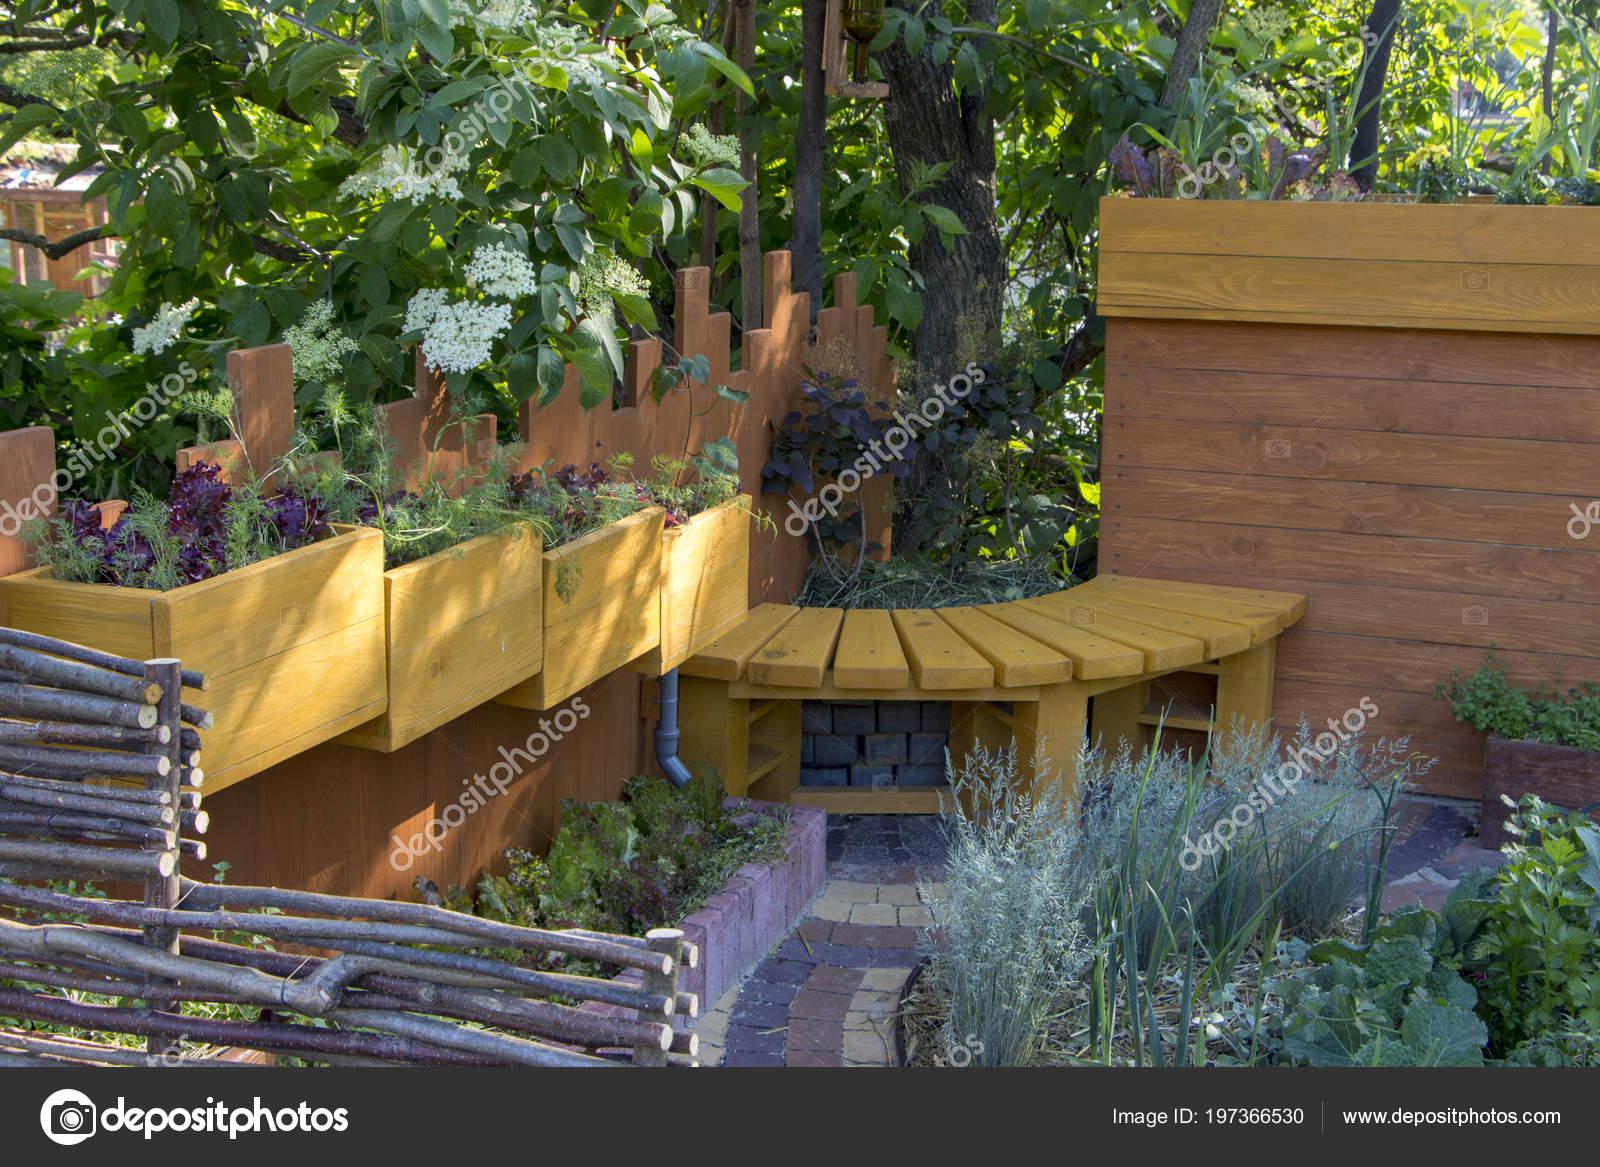 Lit Un Jardin Design Moderne. Utilisant Des Matériaux Naturels. Et La  Sélection Des Plantes Pour La Compatibilitéu2013 Images De Stock Libres De  Droits